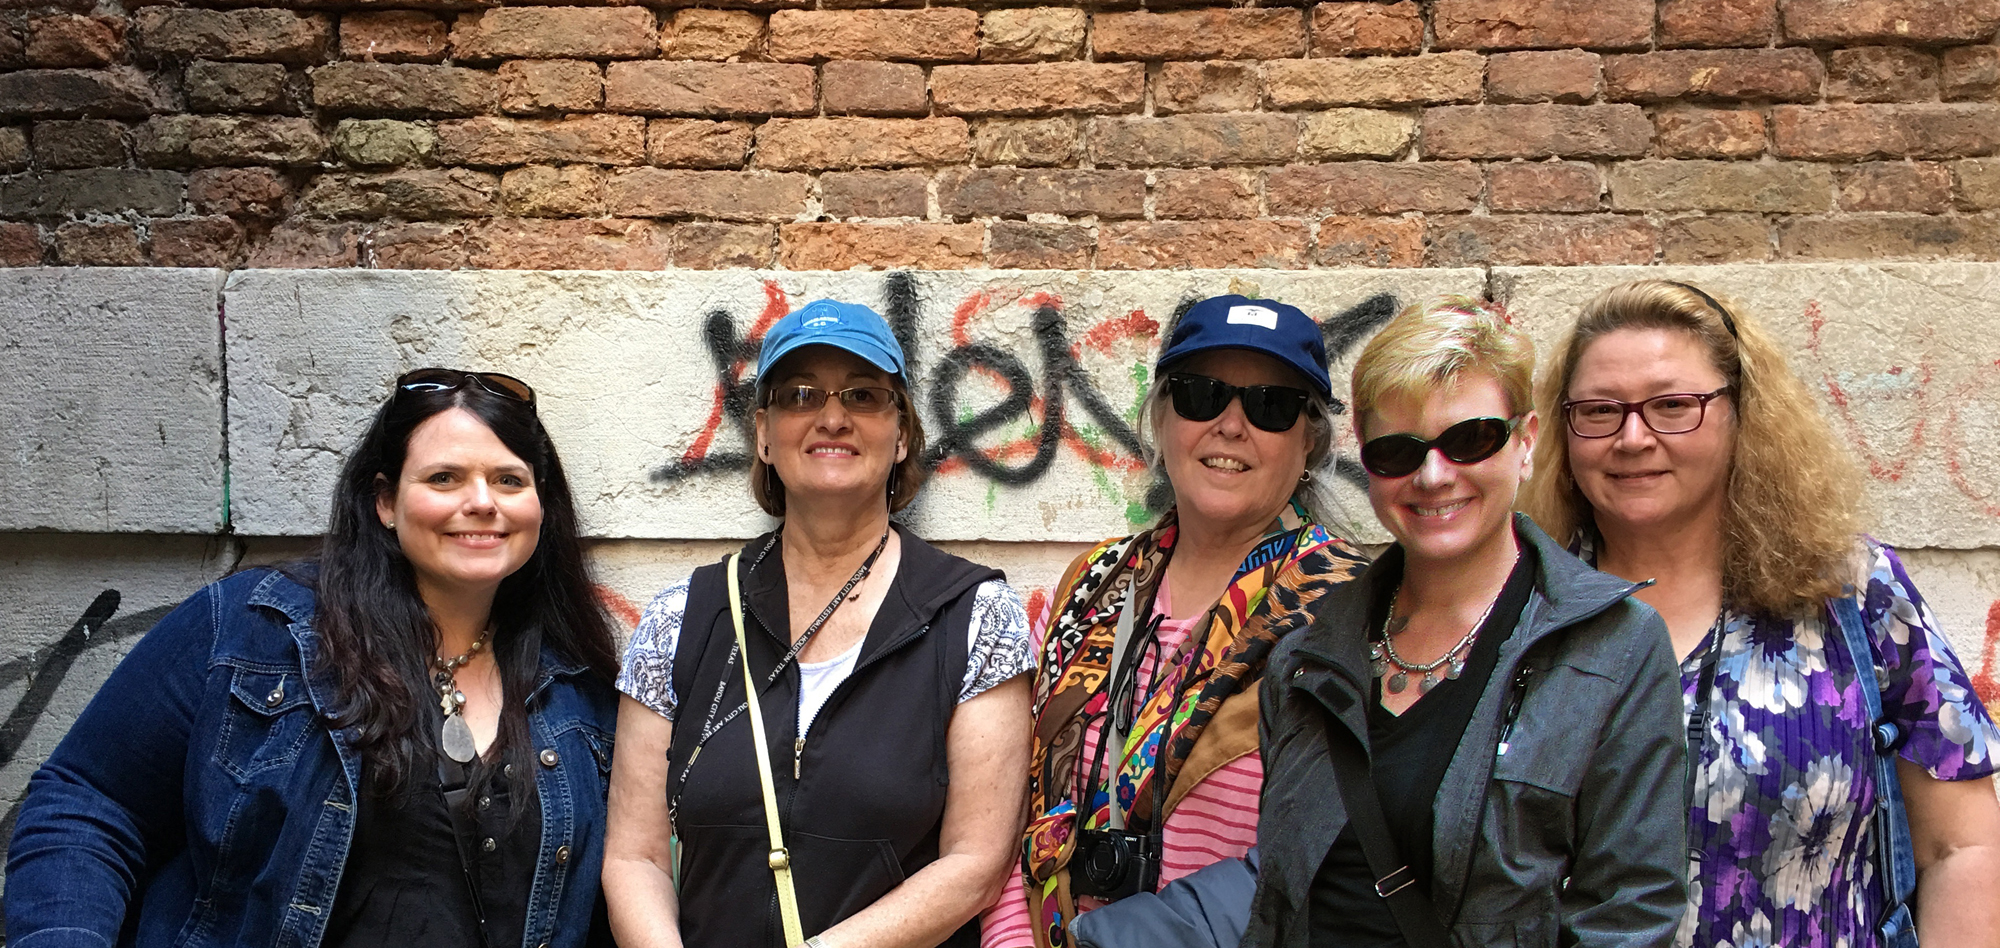 From left to right: Carrie Waller, Helen Beacham, Maria Bennett Hock, me, and Debra Kierce